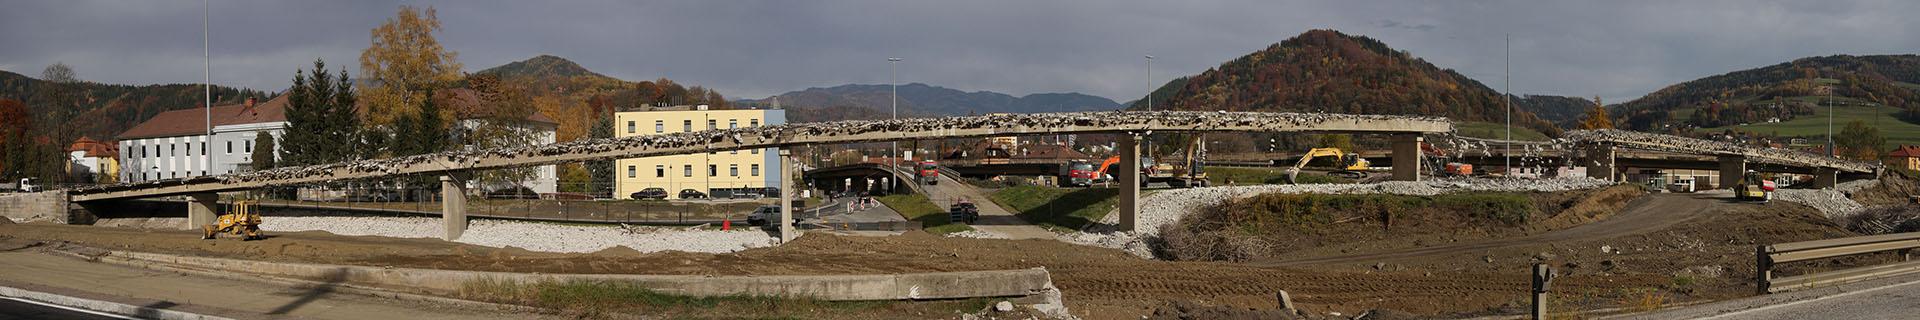 02 - demolition